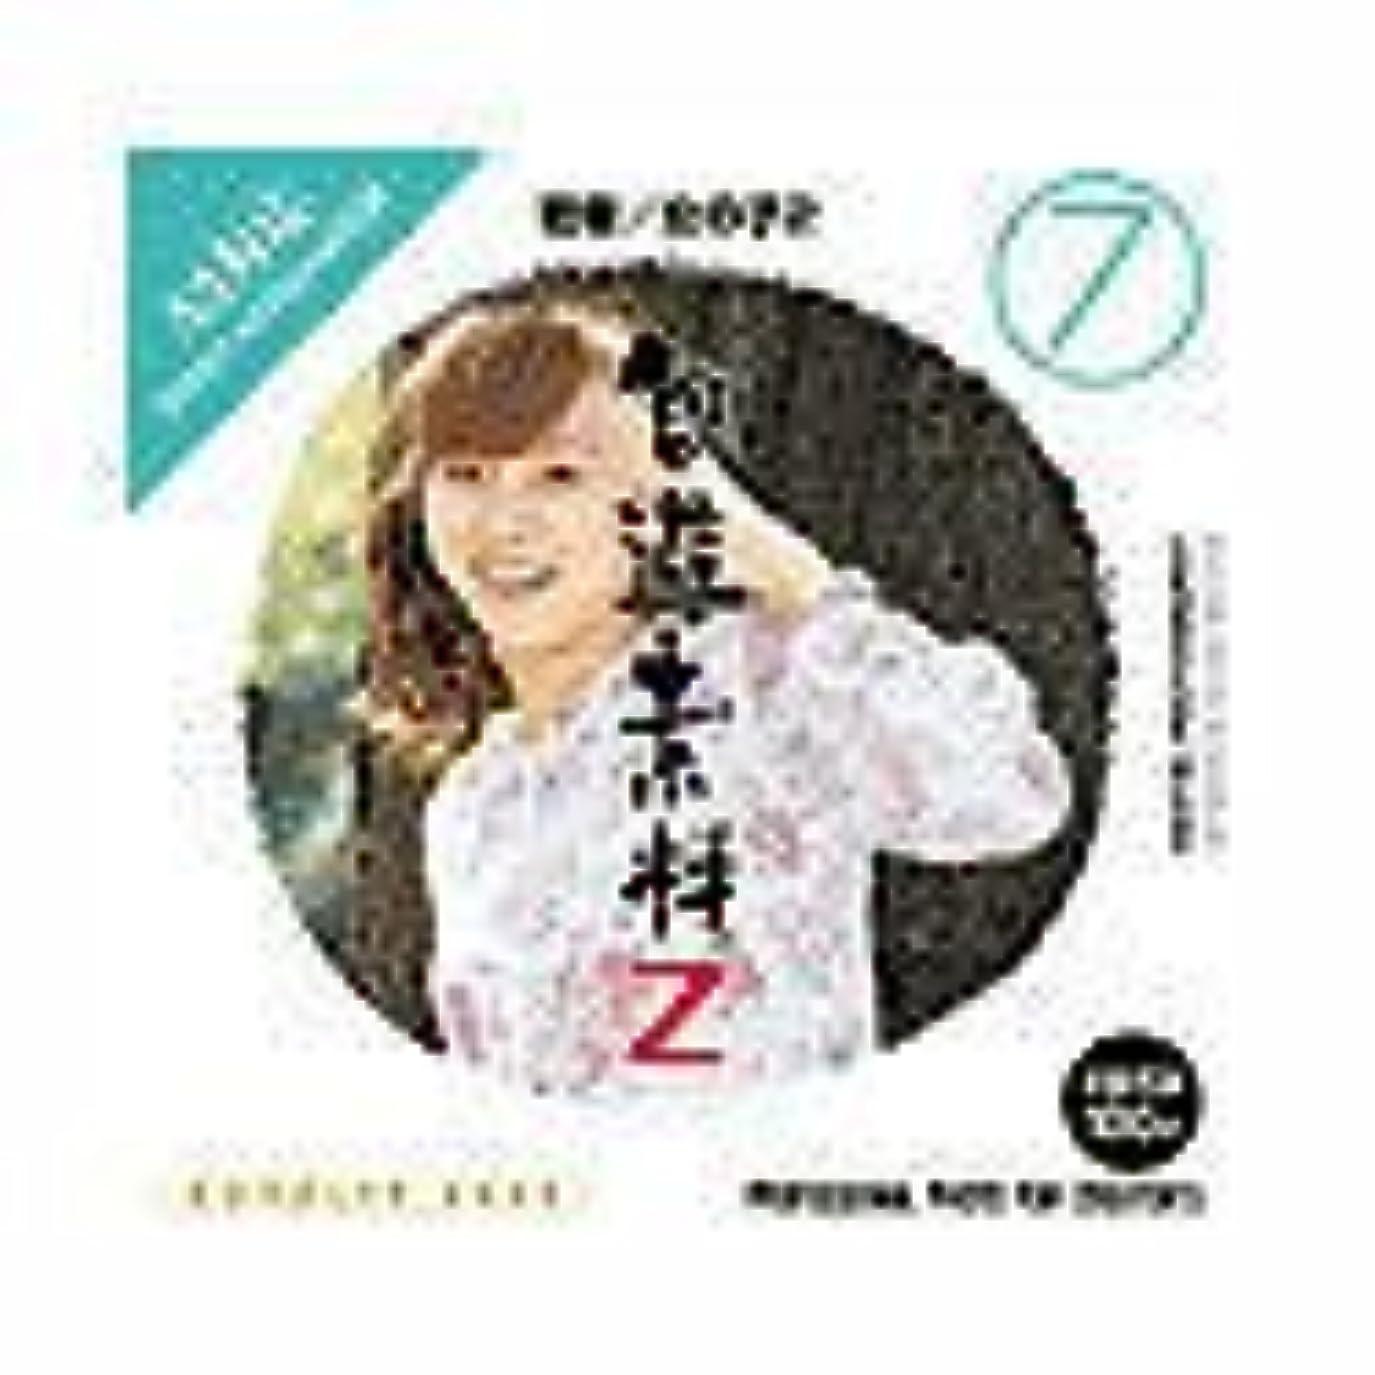 推進ビヨン環境に優しい創造素材Z (7) 若者/女の子 2